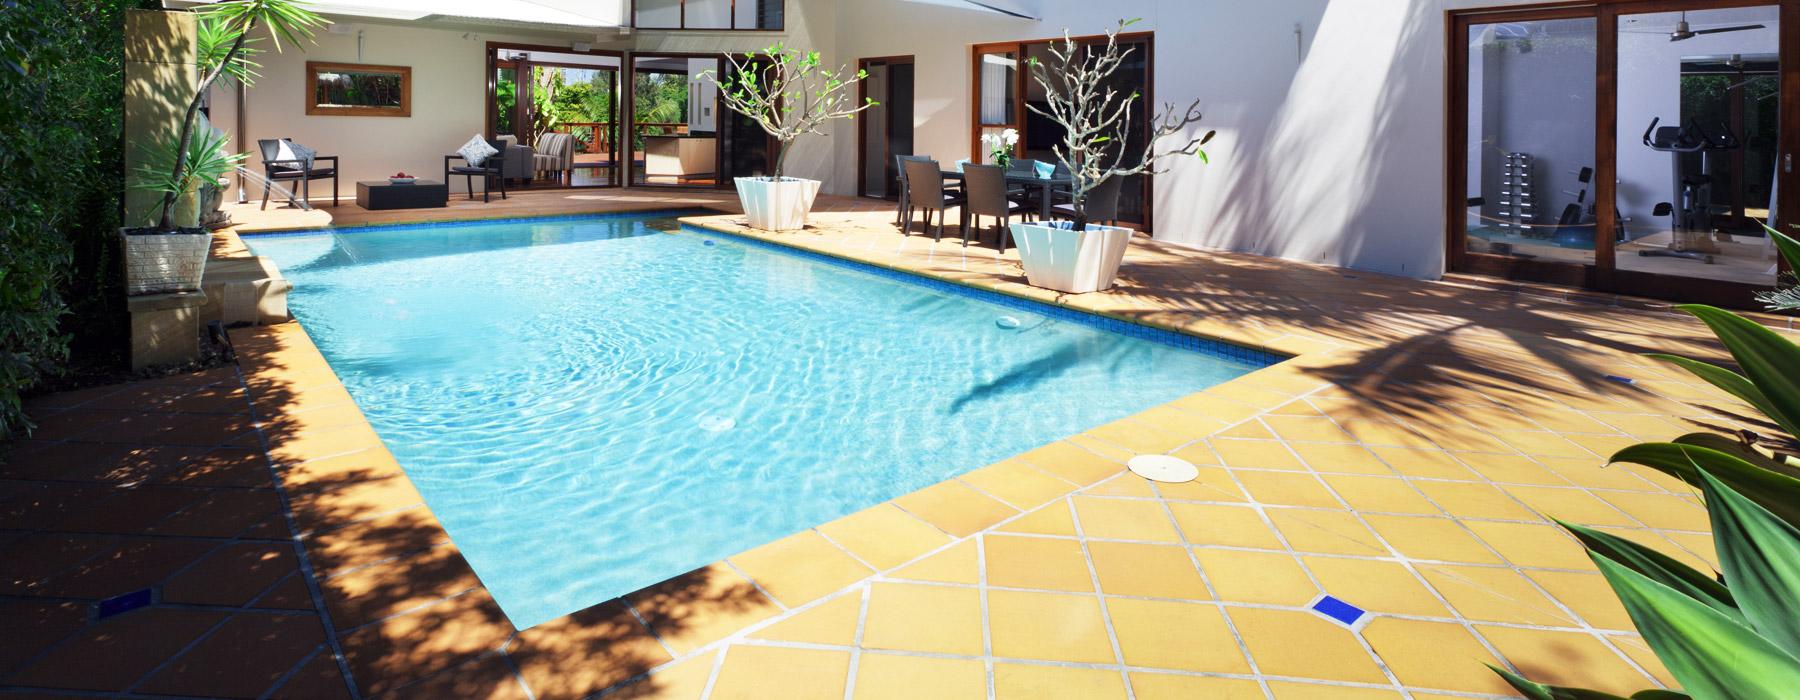 Simple bb cascare fagiolo com topic l piscine interrate - Piscine semi interrate prezzi ...